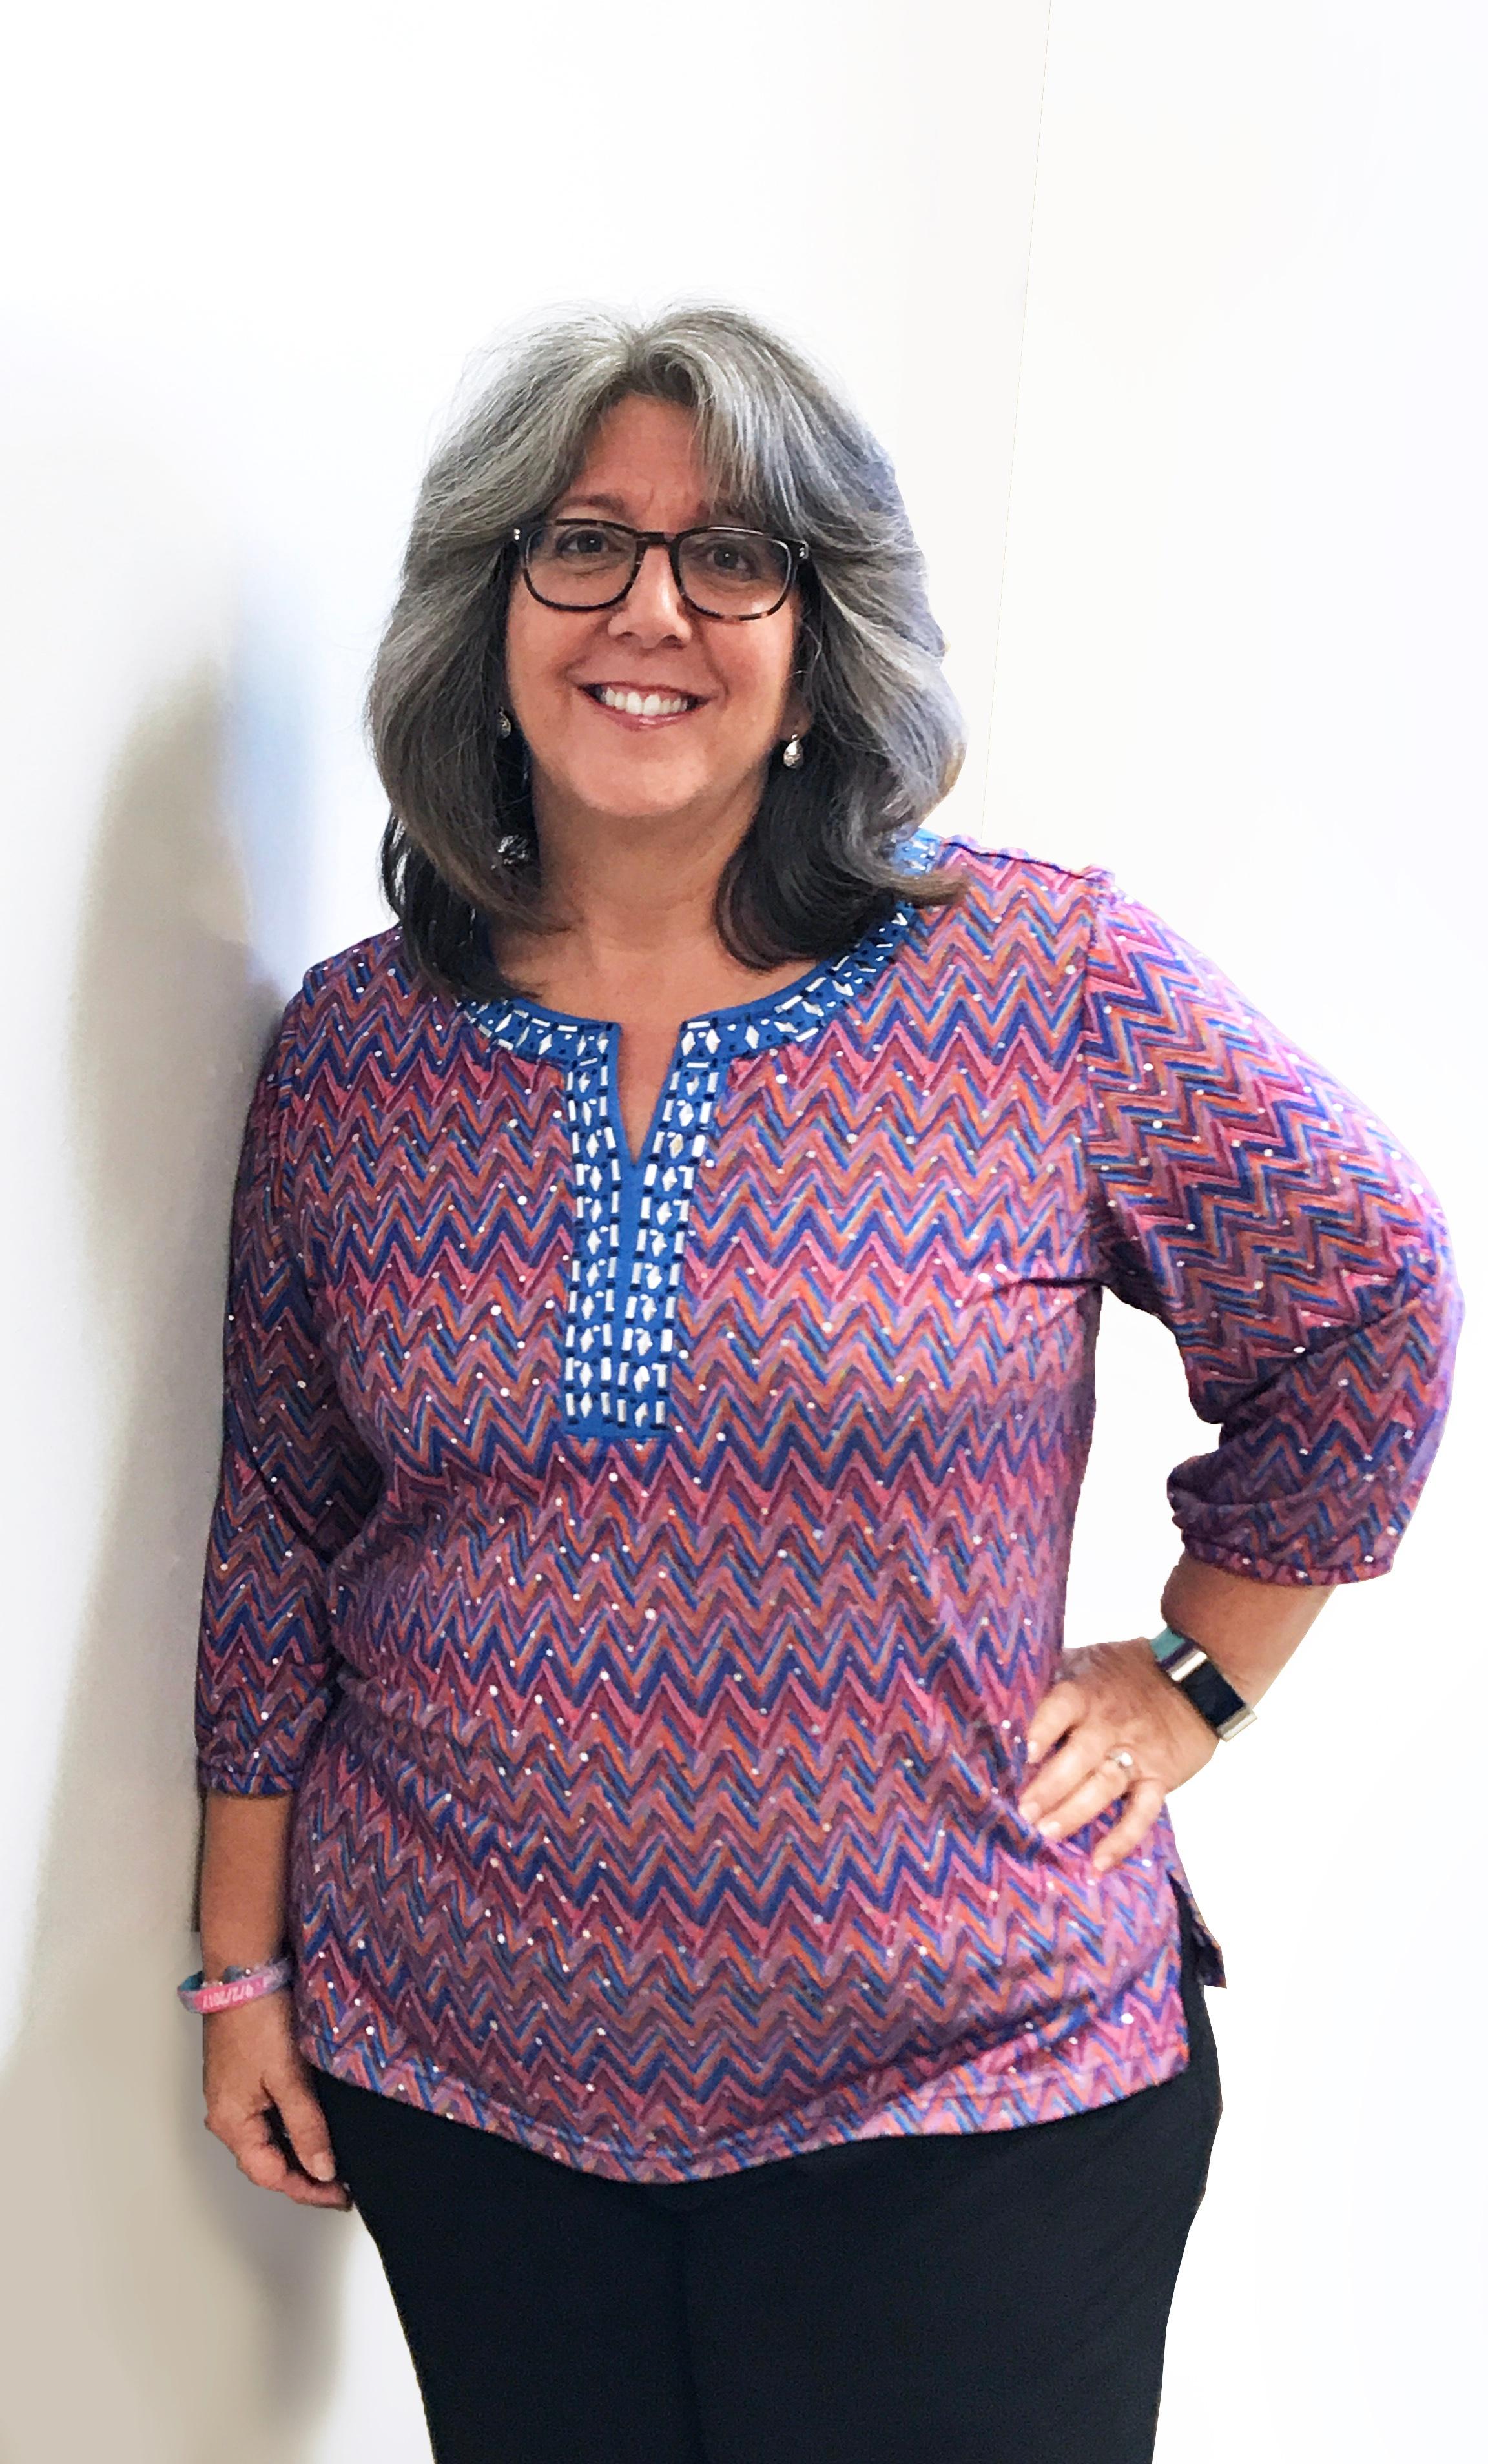 Cindy Melfa